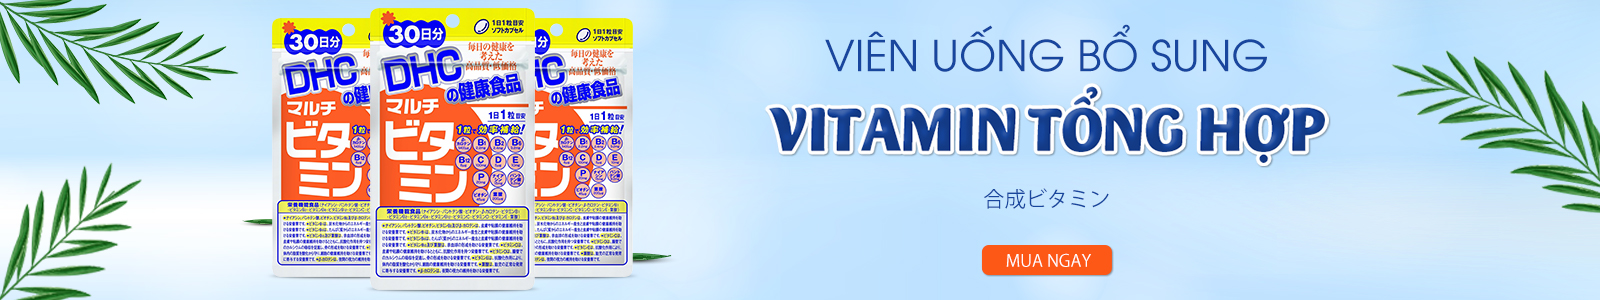 Viên uống bổ sung Vitamin tổng hợp DHC 30 viên